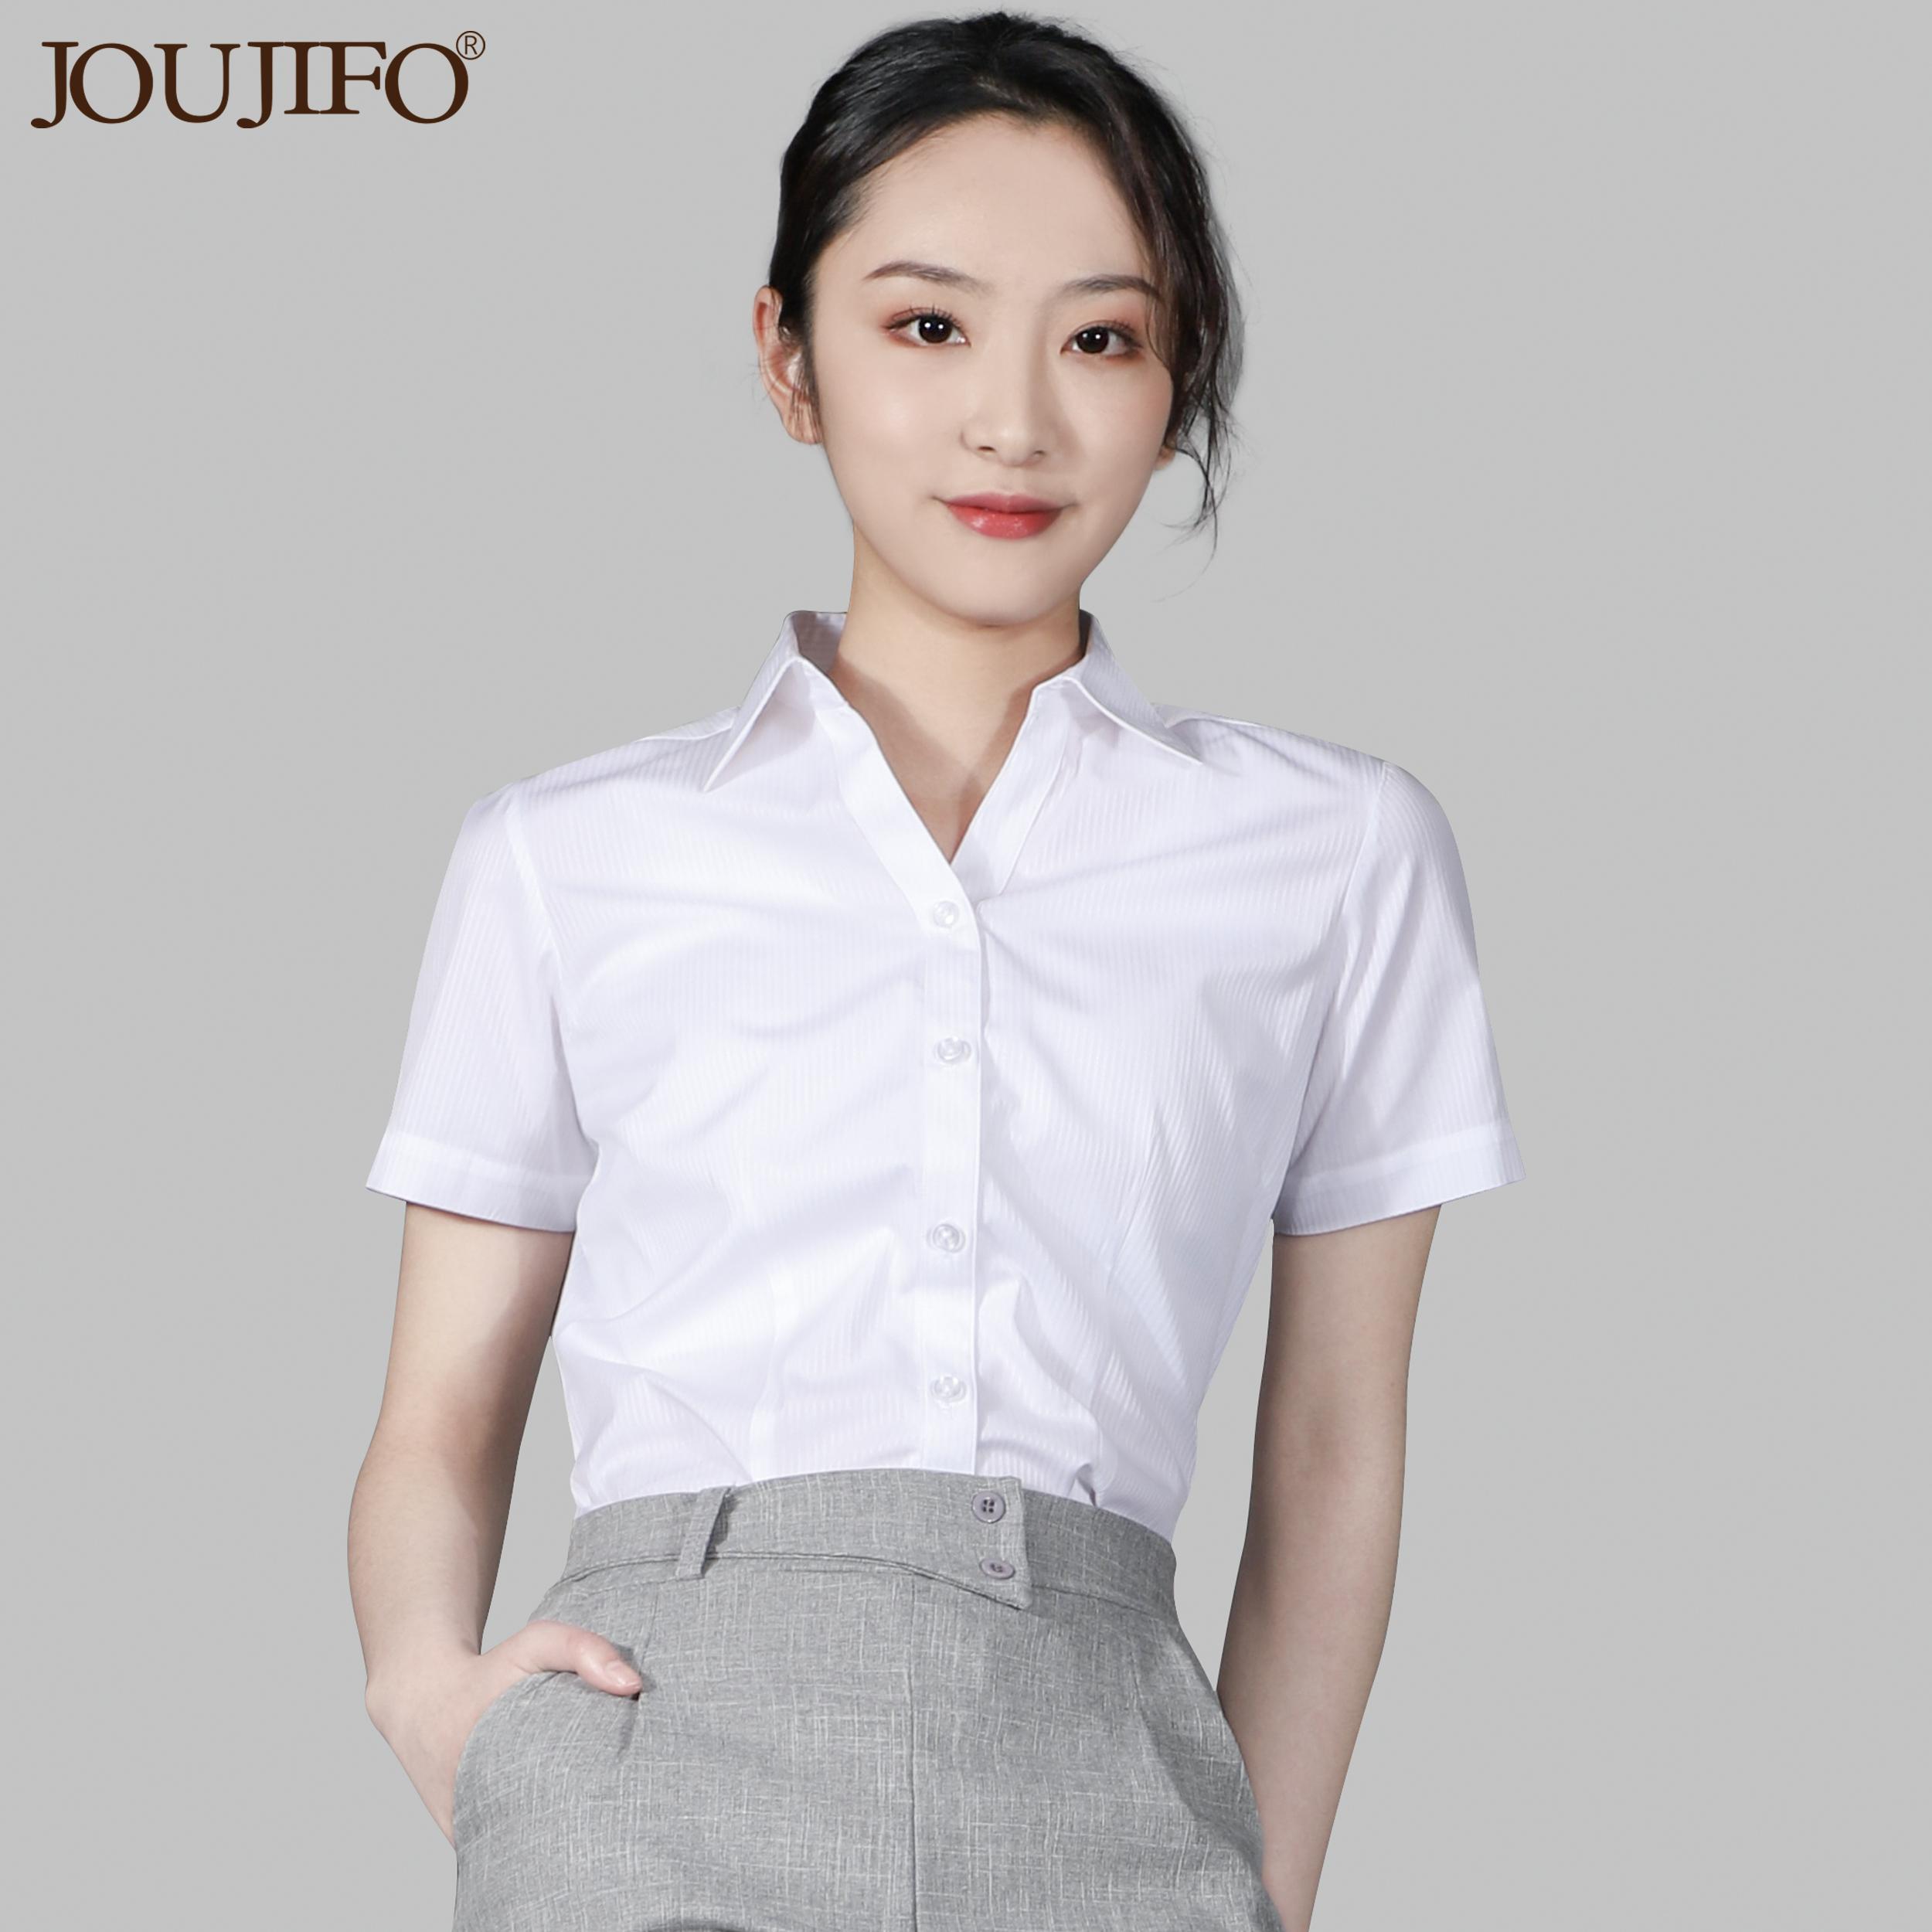 白衬衫女夏短袖职业工作服2021年新款修身宽松大码正装上衣v领 棉